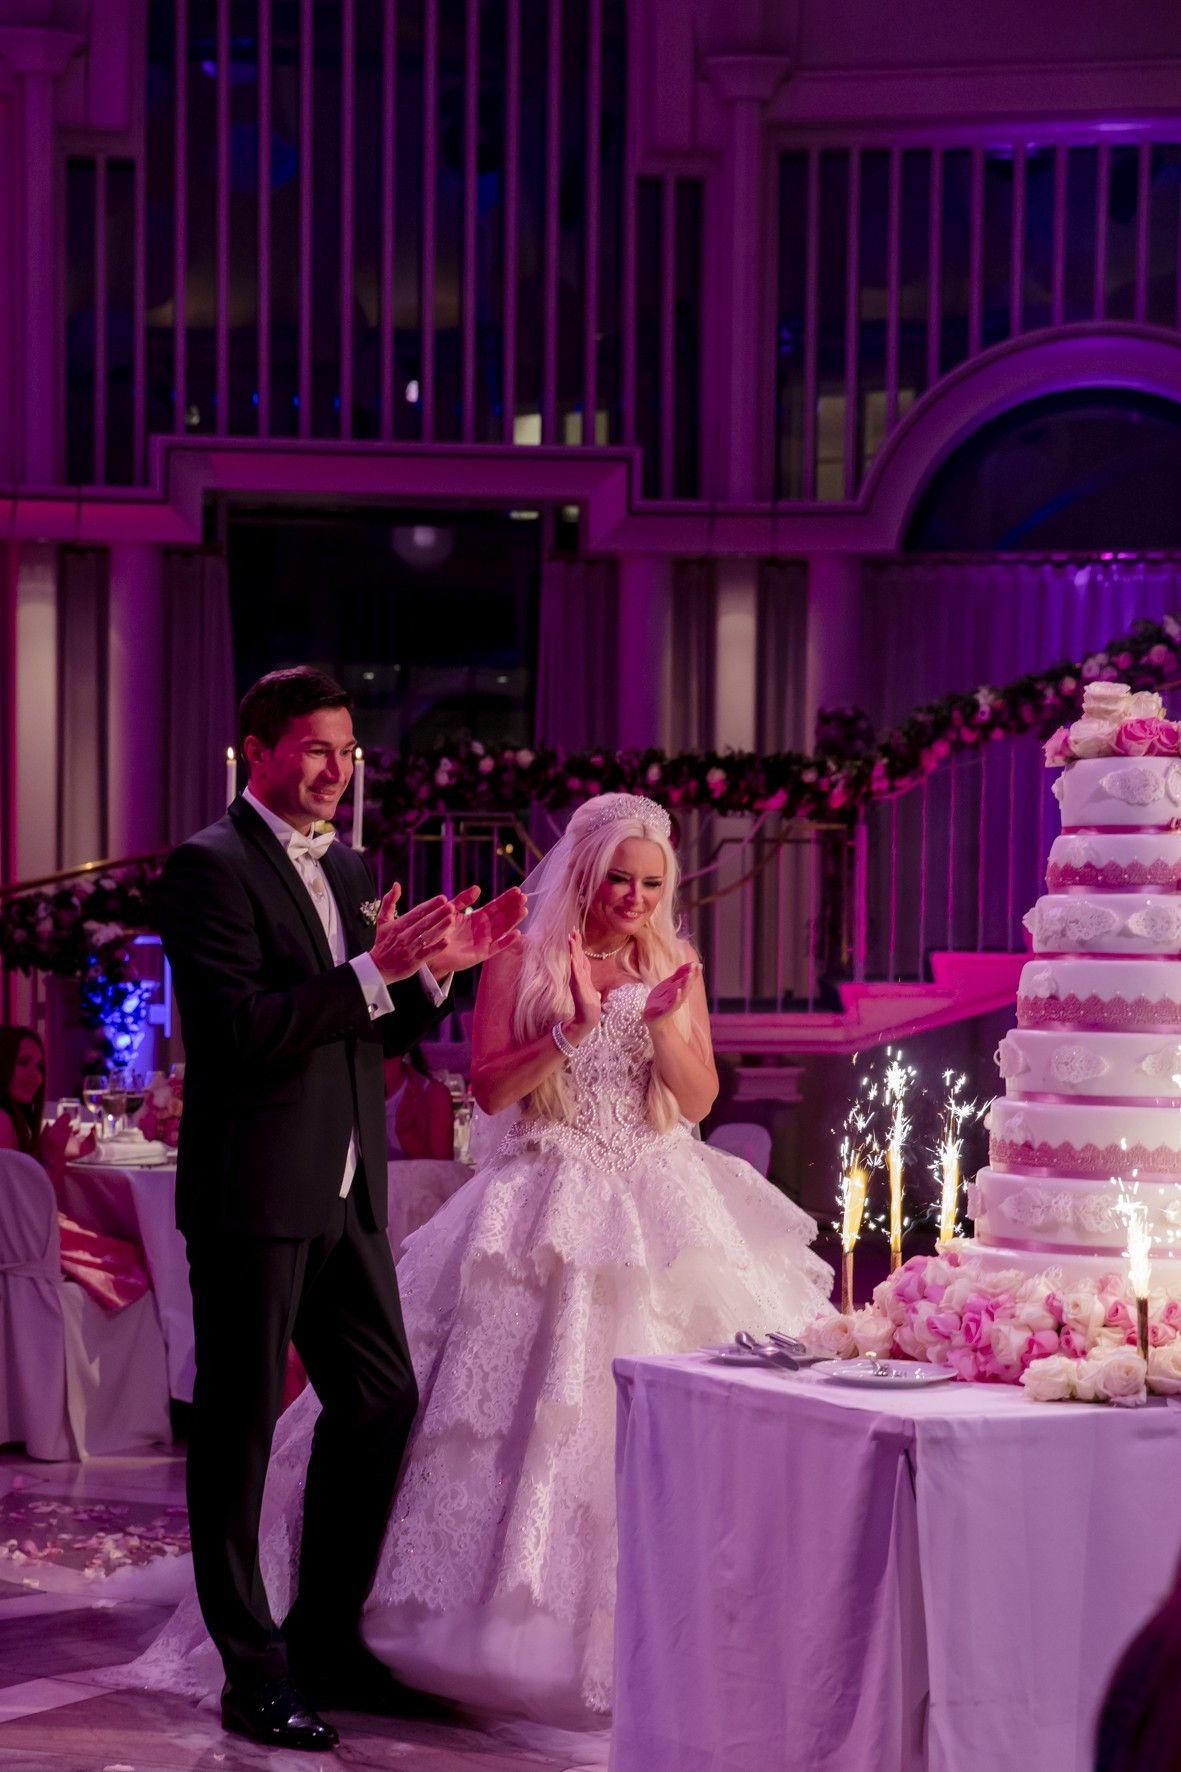 Sehen Sie im Folgenden weitere Bilder der Hochzeit von Daniela Katzenberger und Lucas Cordalis ...